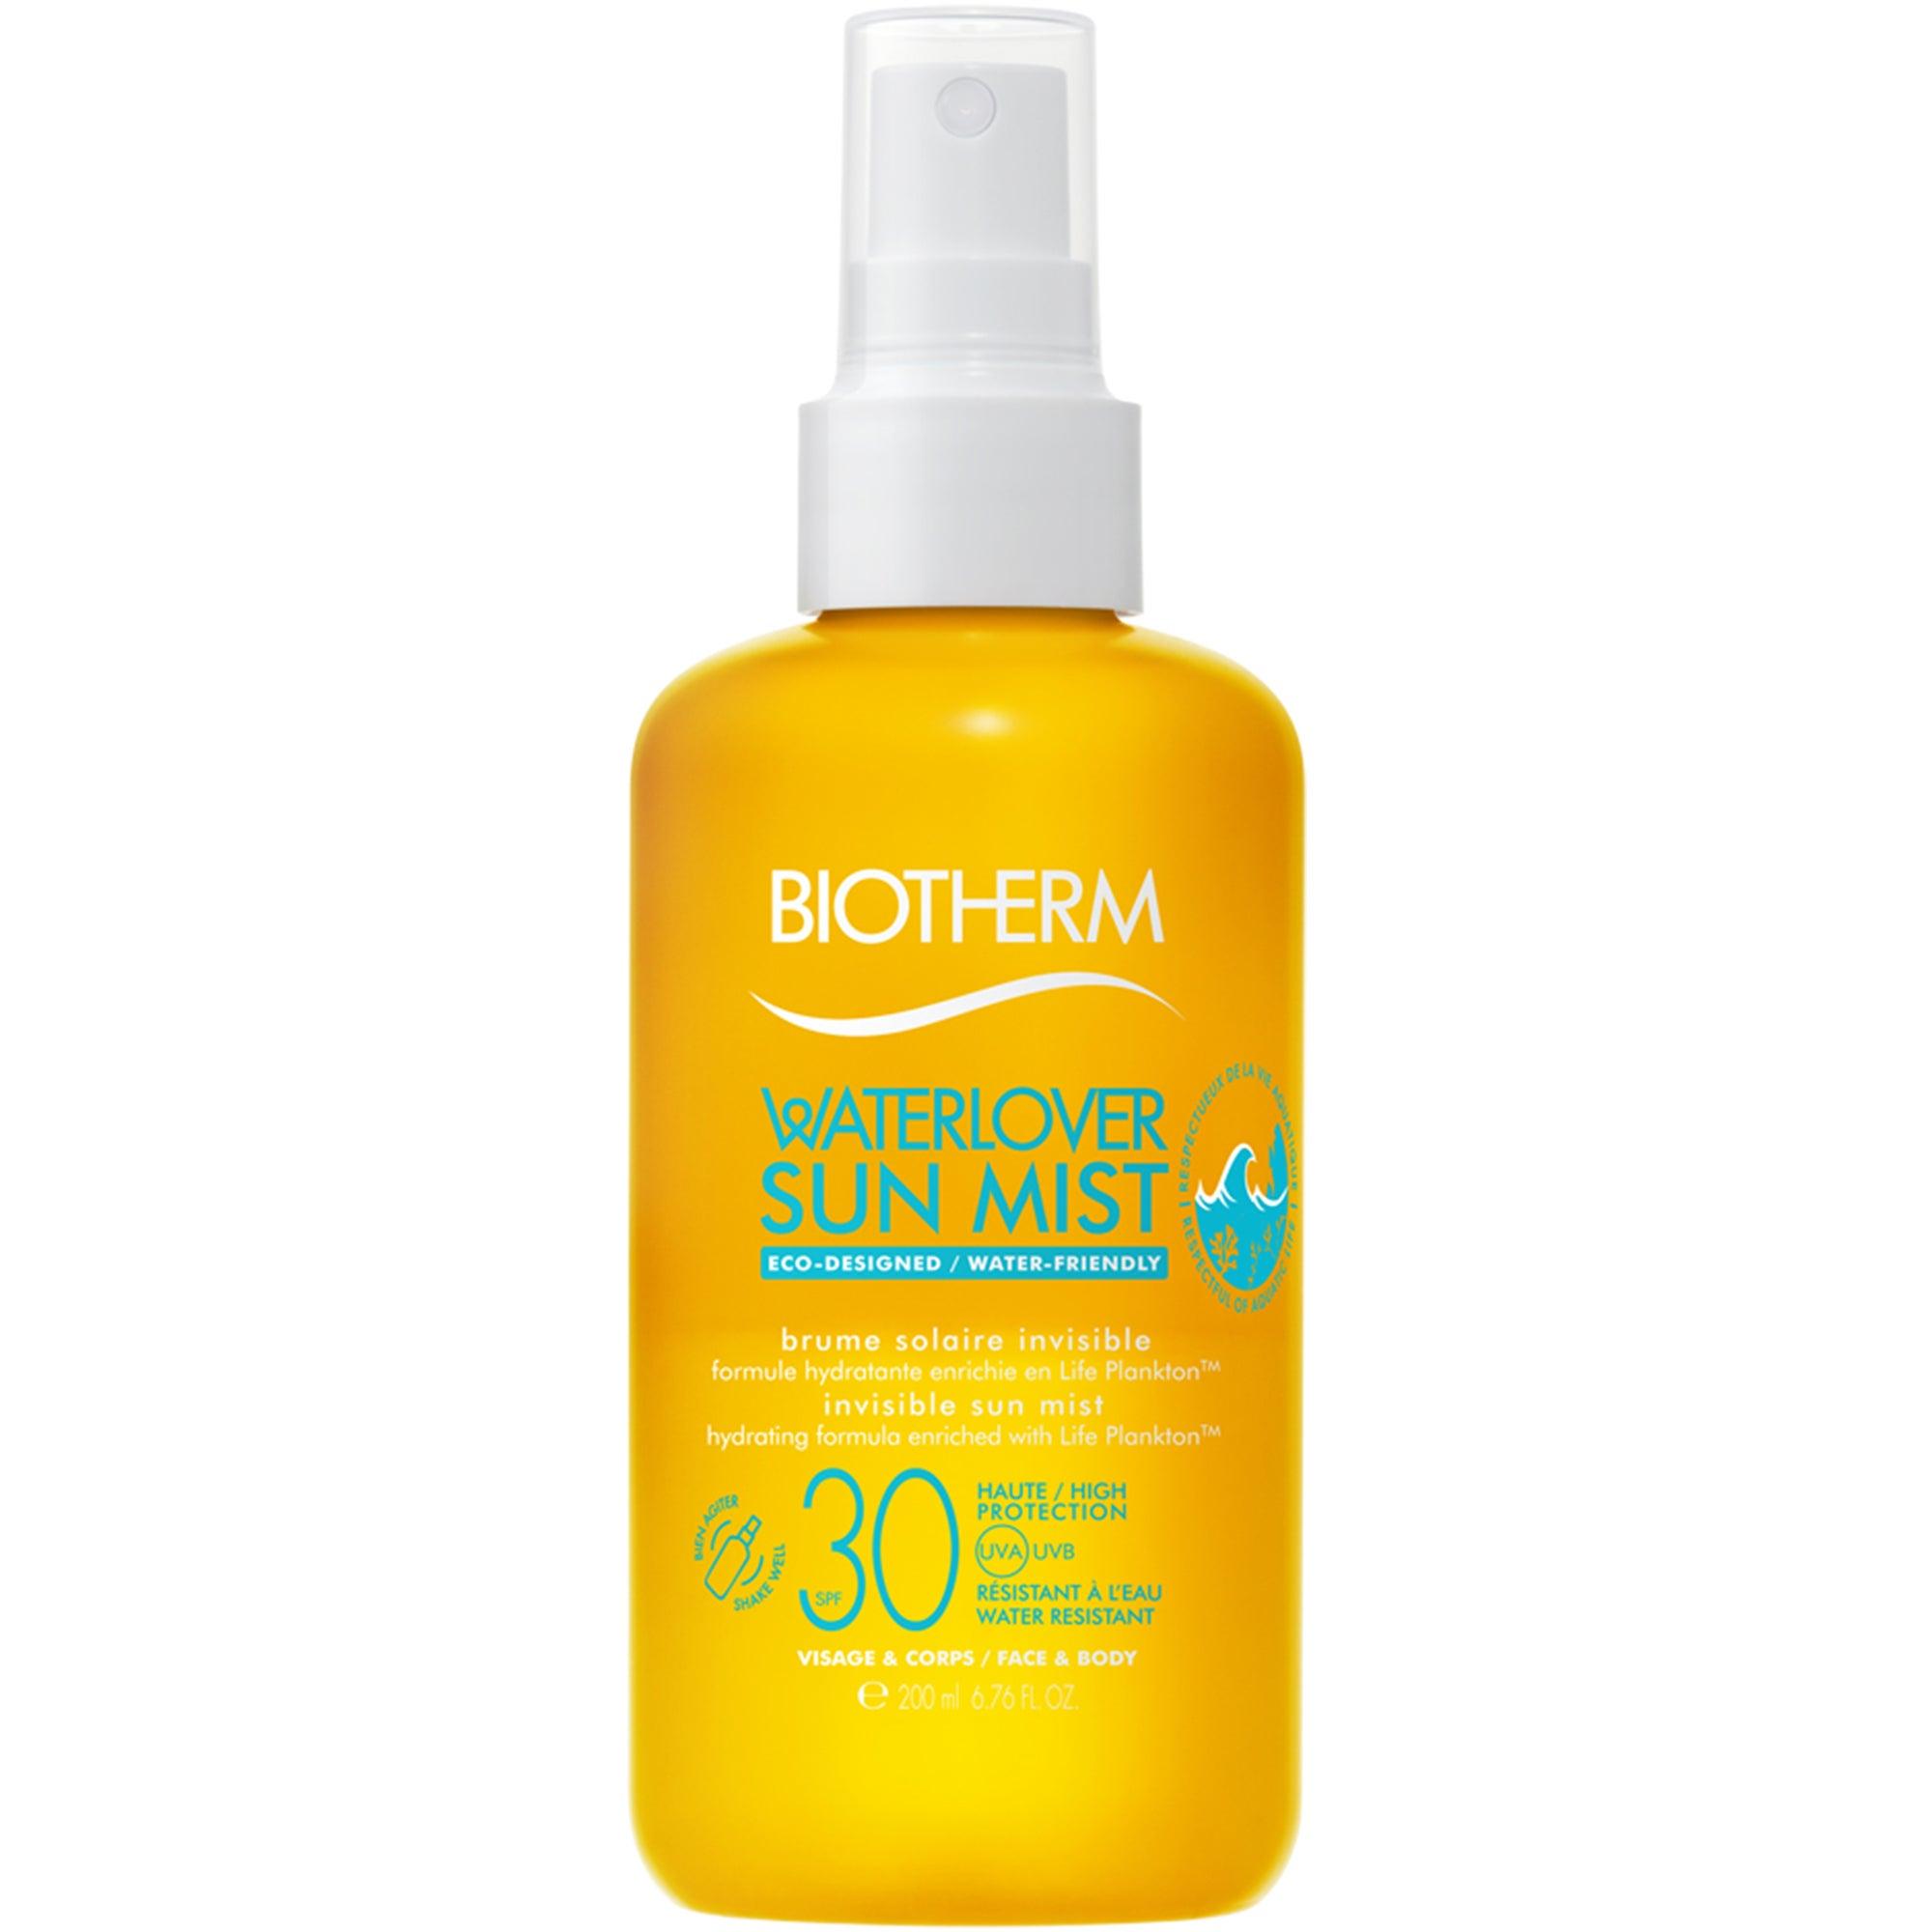 Biotherm Waterlover Sun Mist SPF30 200 ml Biotherm Solkräm